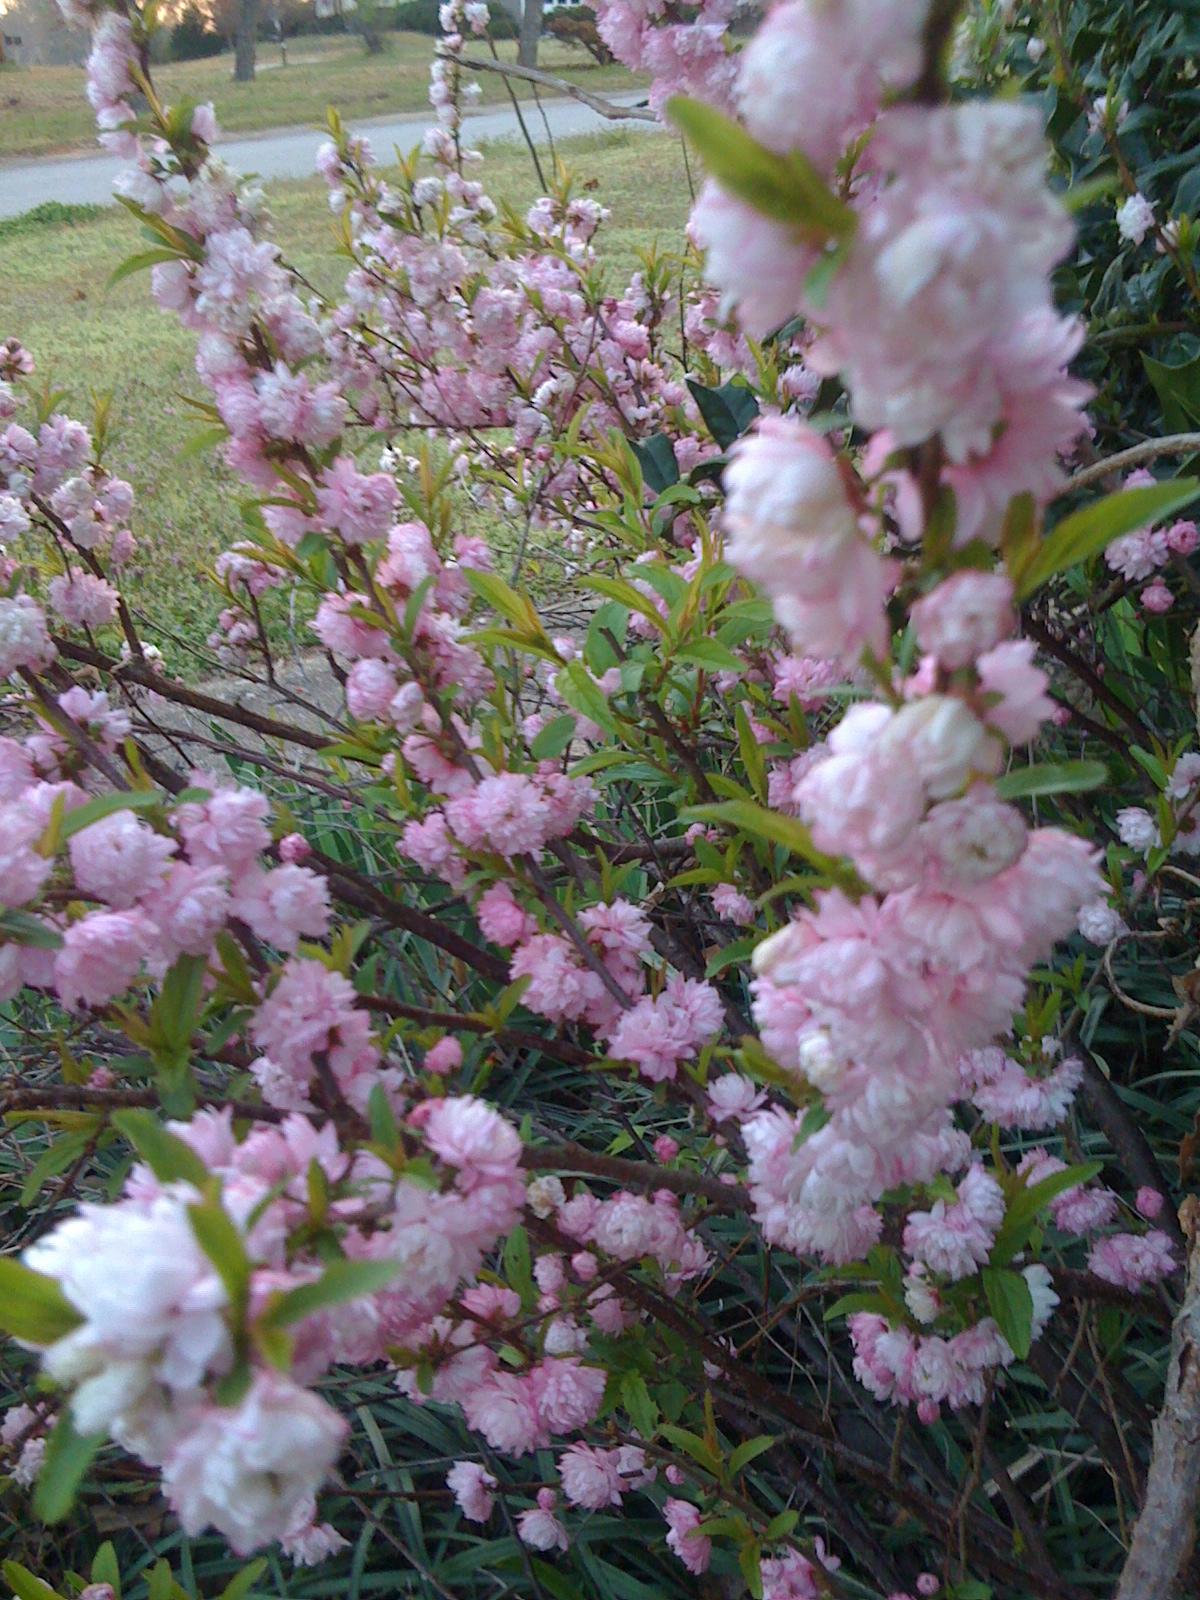 Pink Flowering Almond Bush images